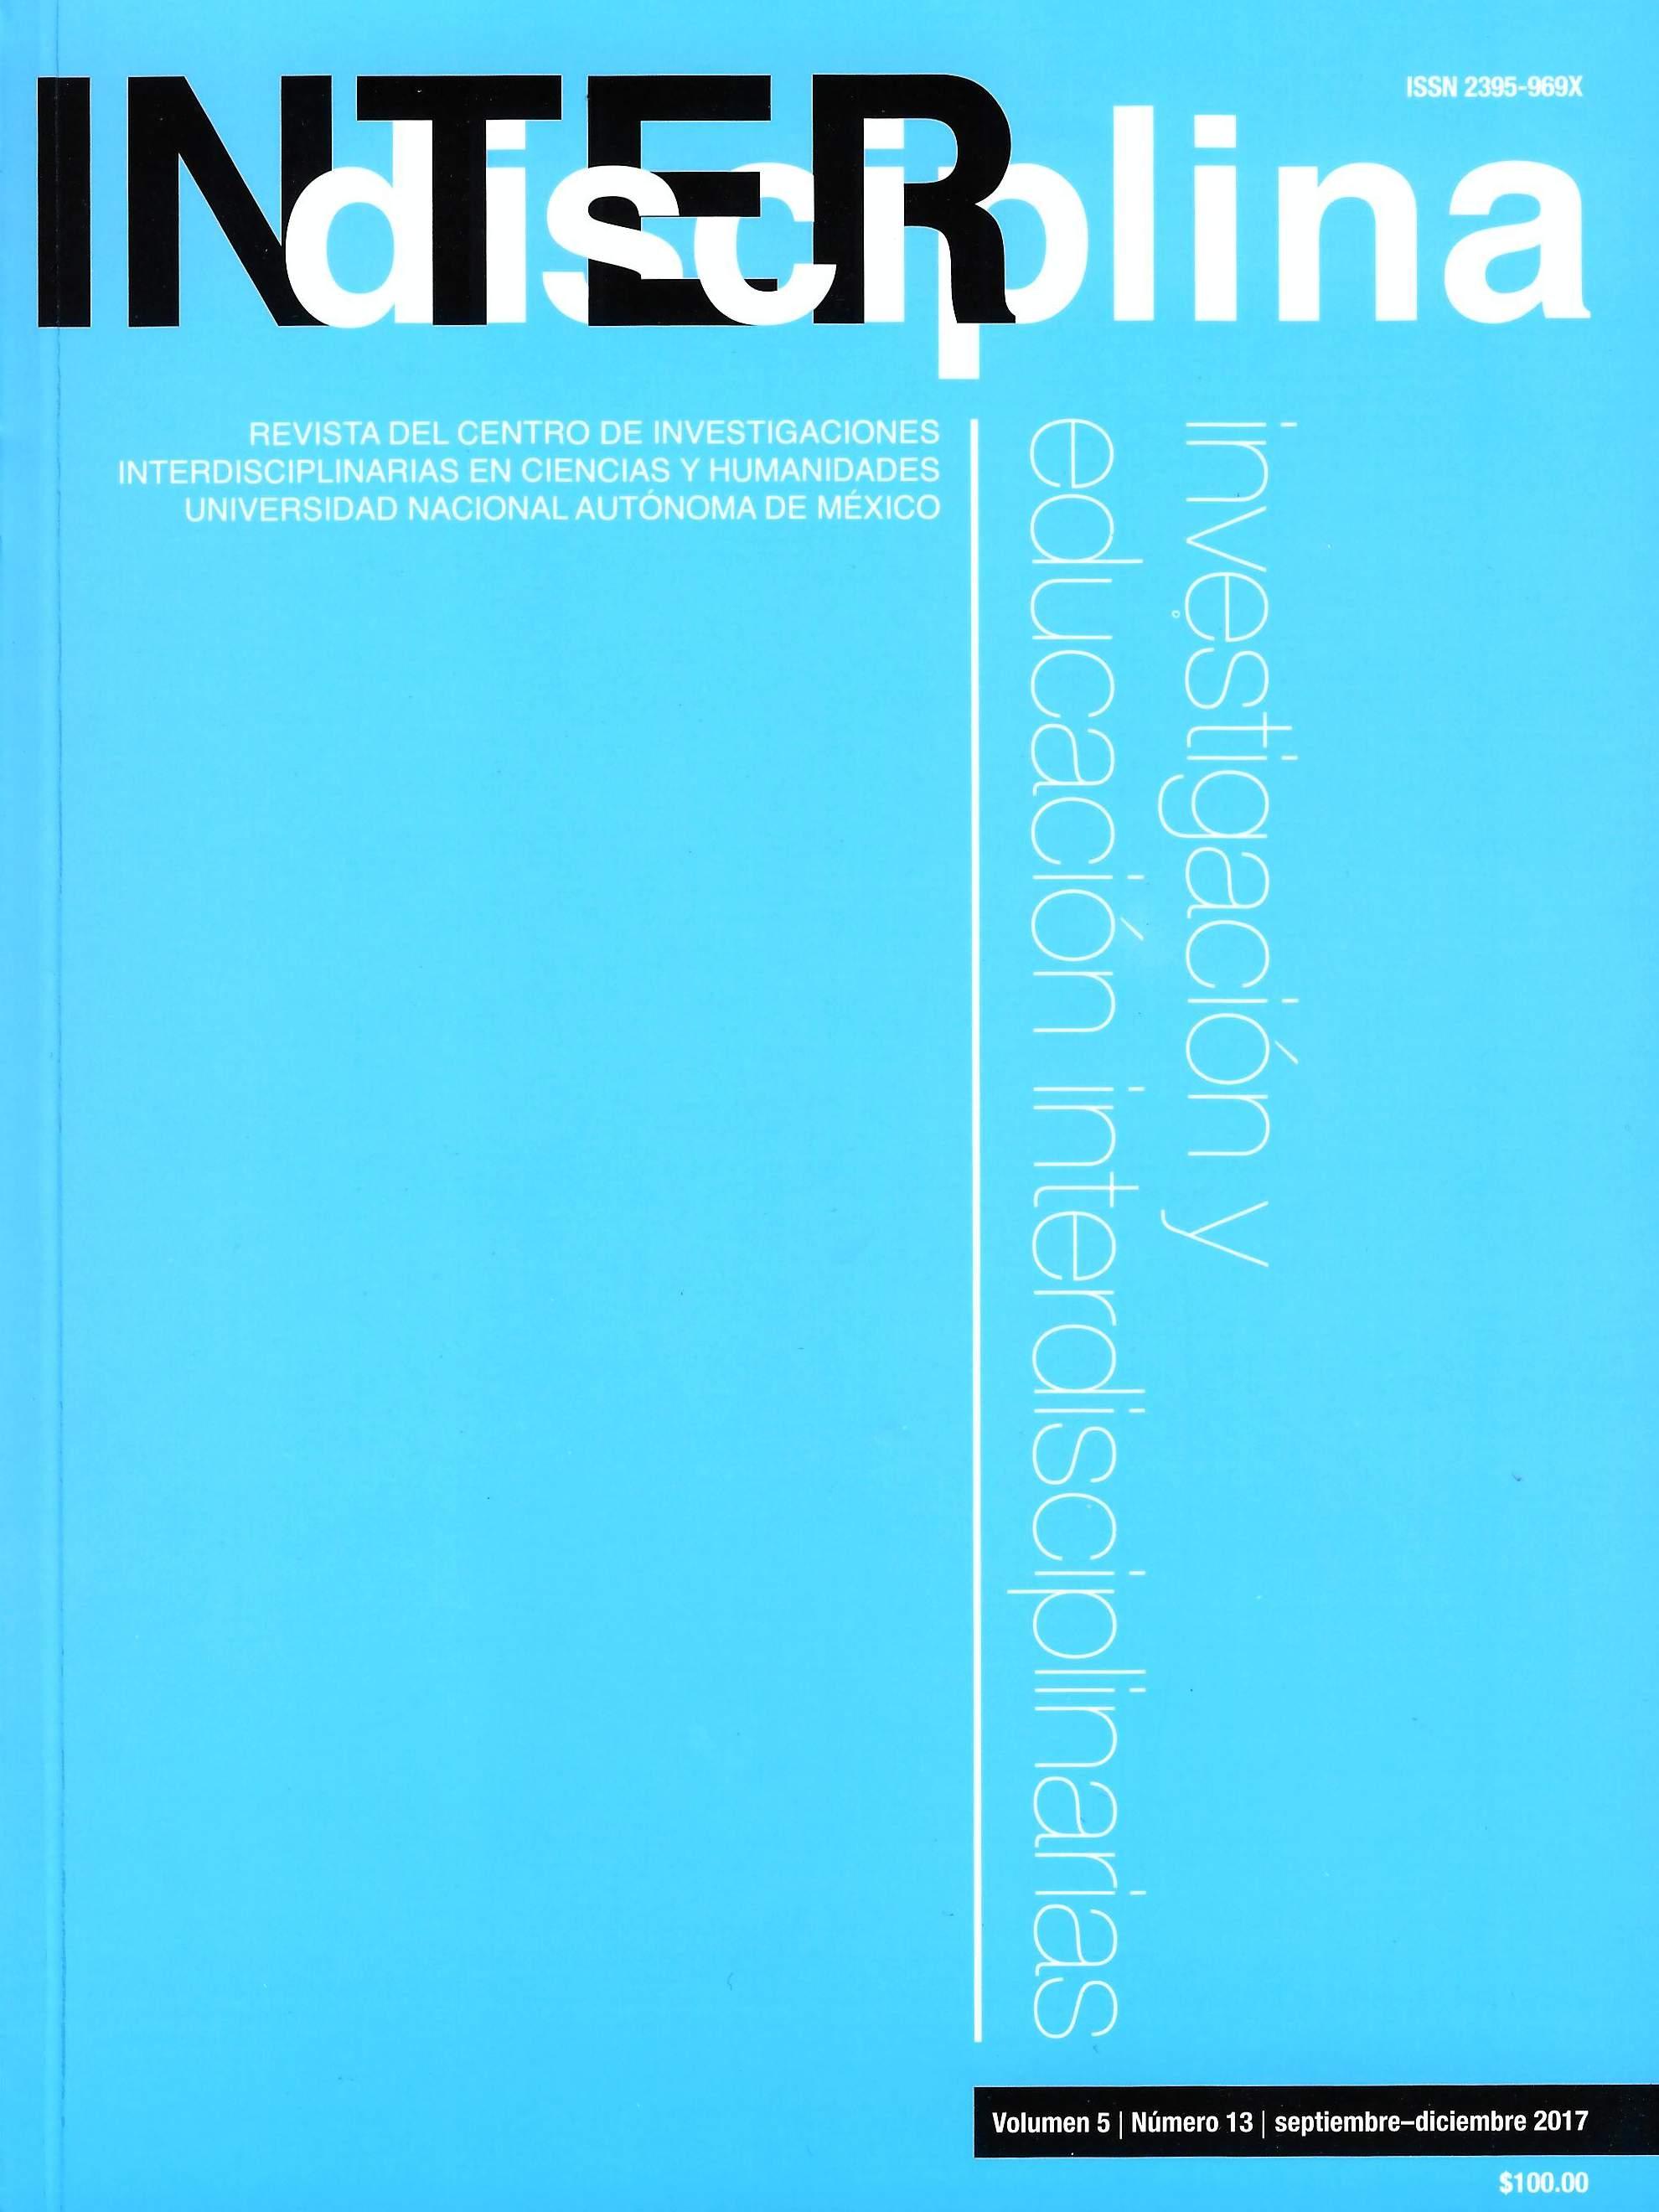 Interdisciplina, Vol. 5, número. 13, septiembre-diciembre 2017